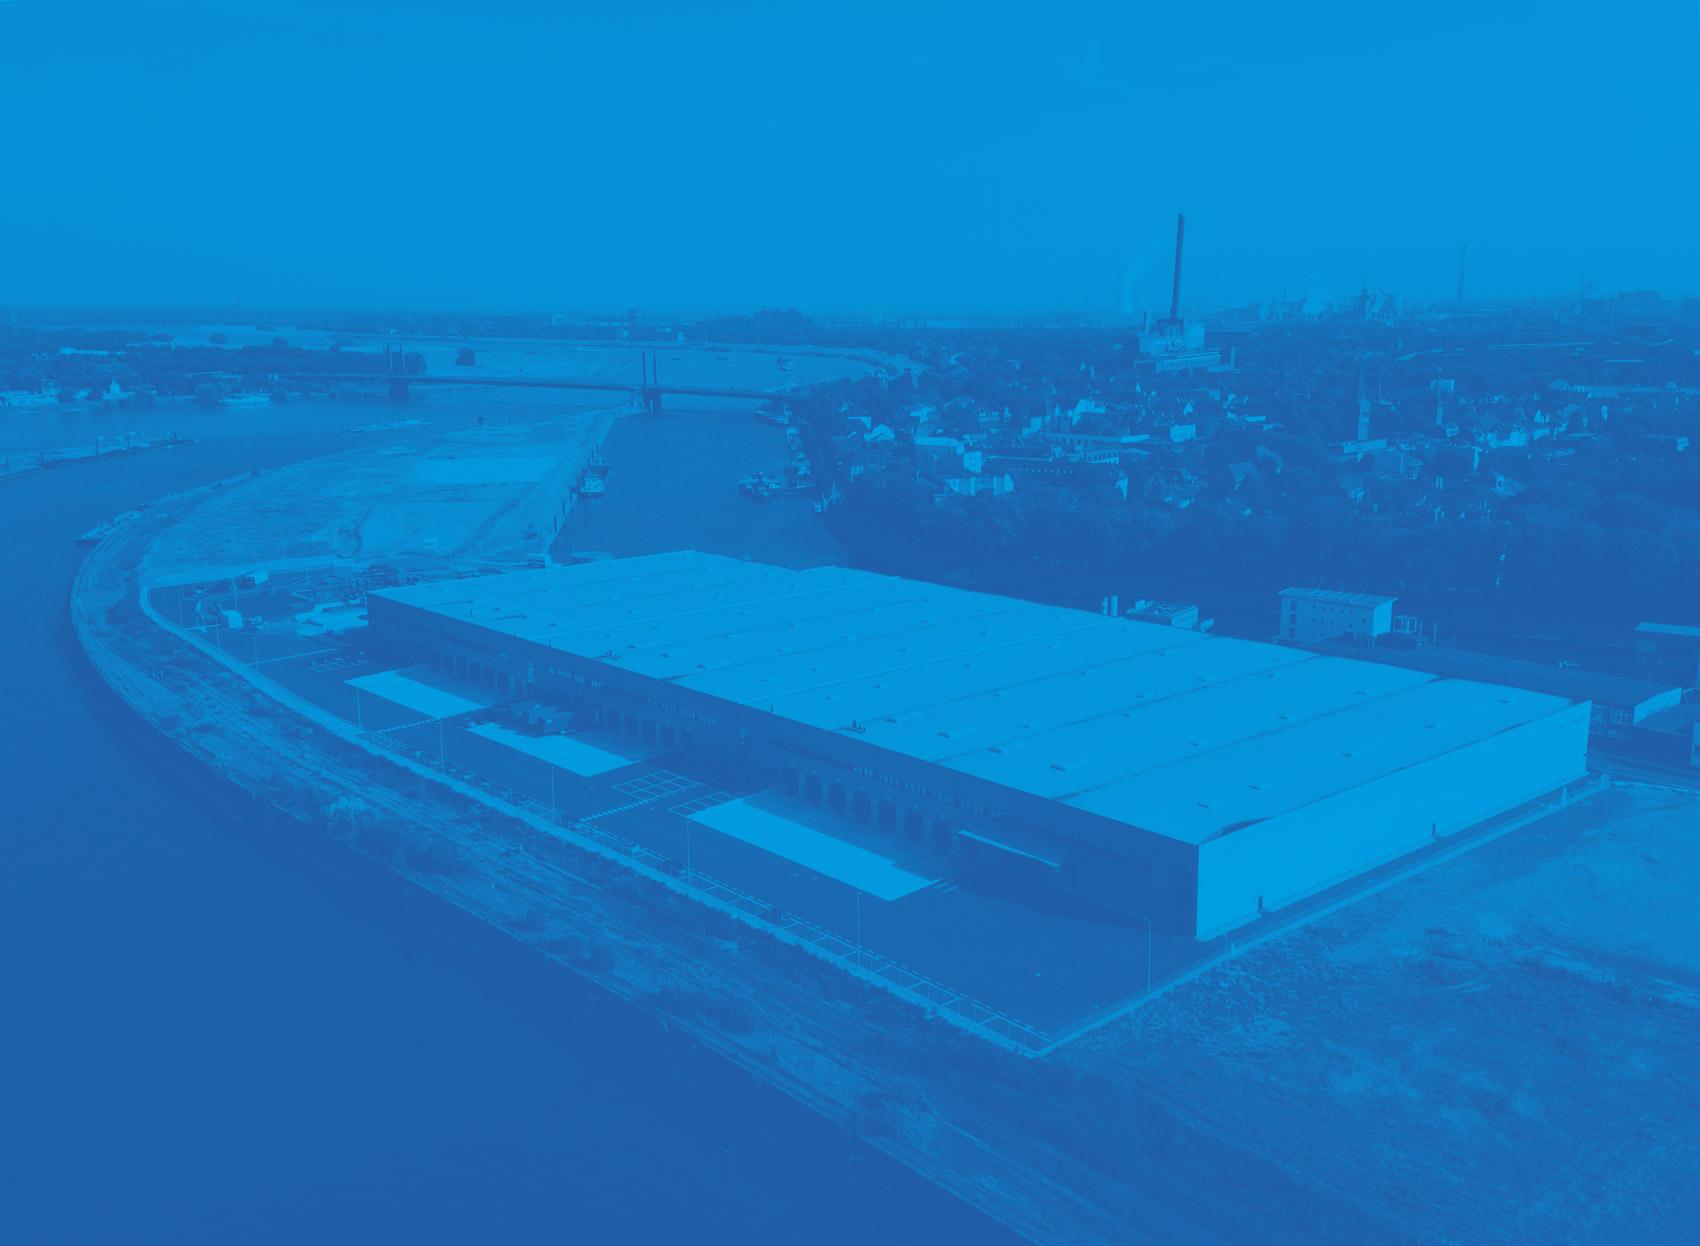 Halle auf dem duisport Gelände in blau